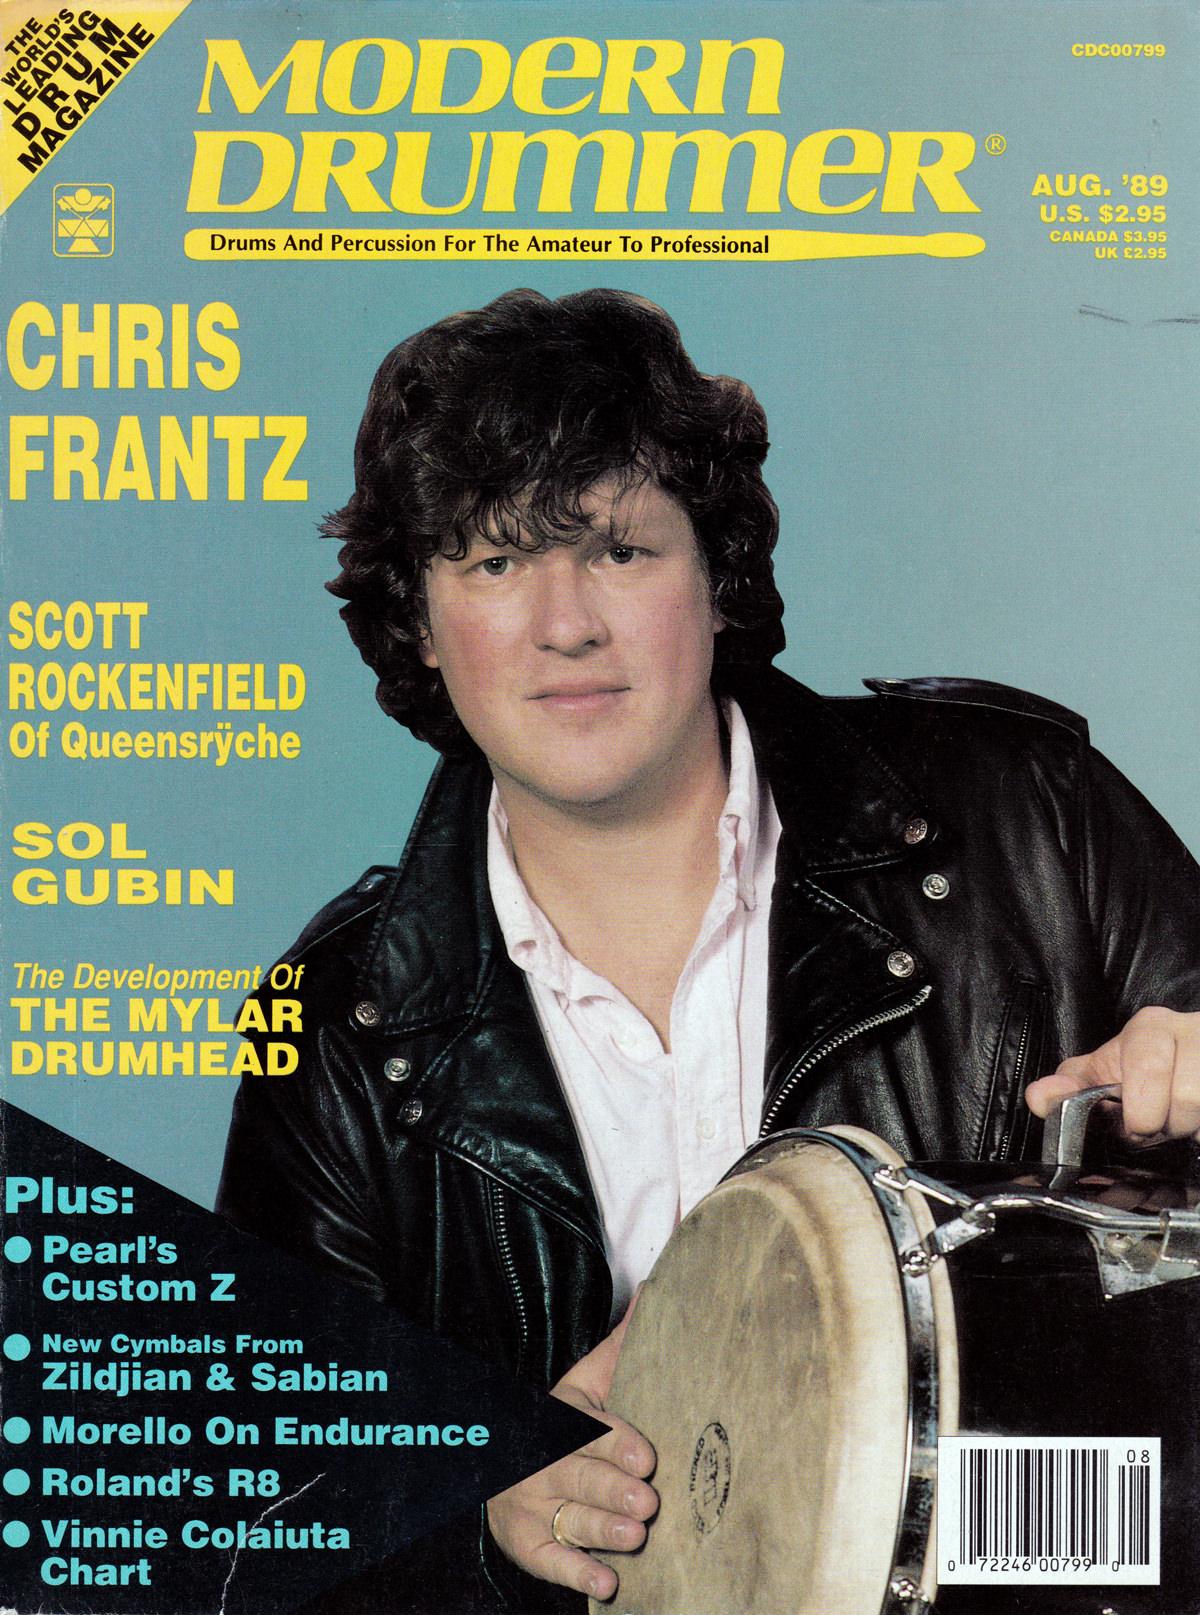 Modern Drummer August 1989